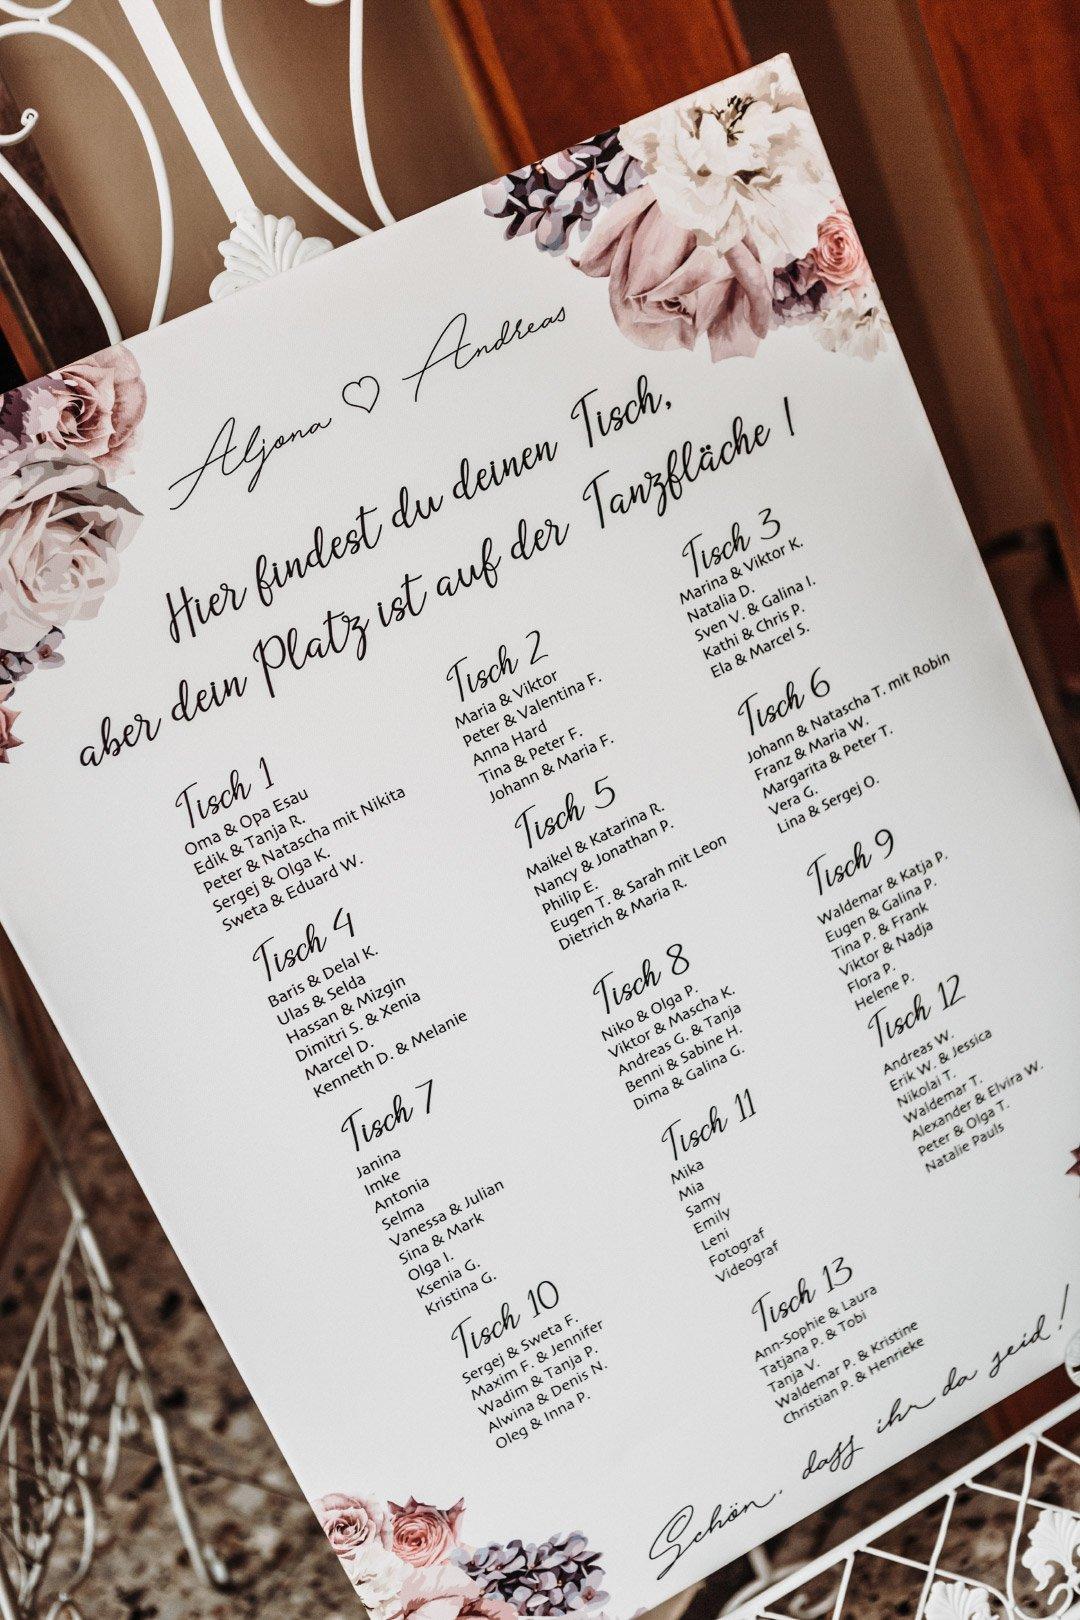 Sitzplan bei der Hochzeit auf einer Tafel gedruckt